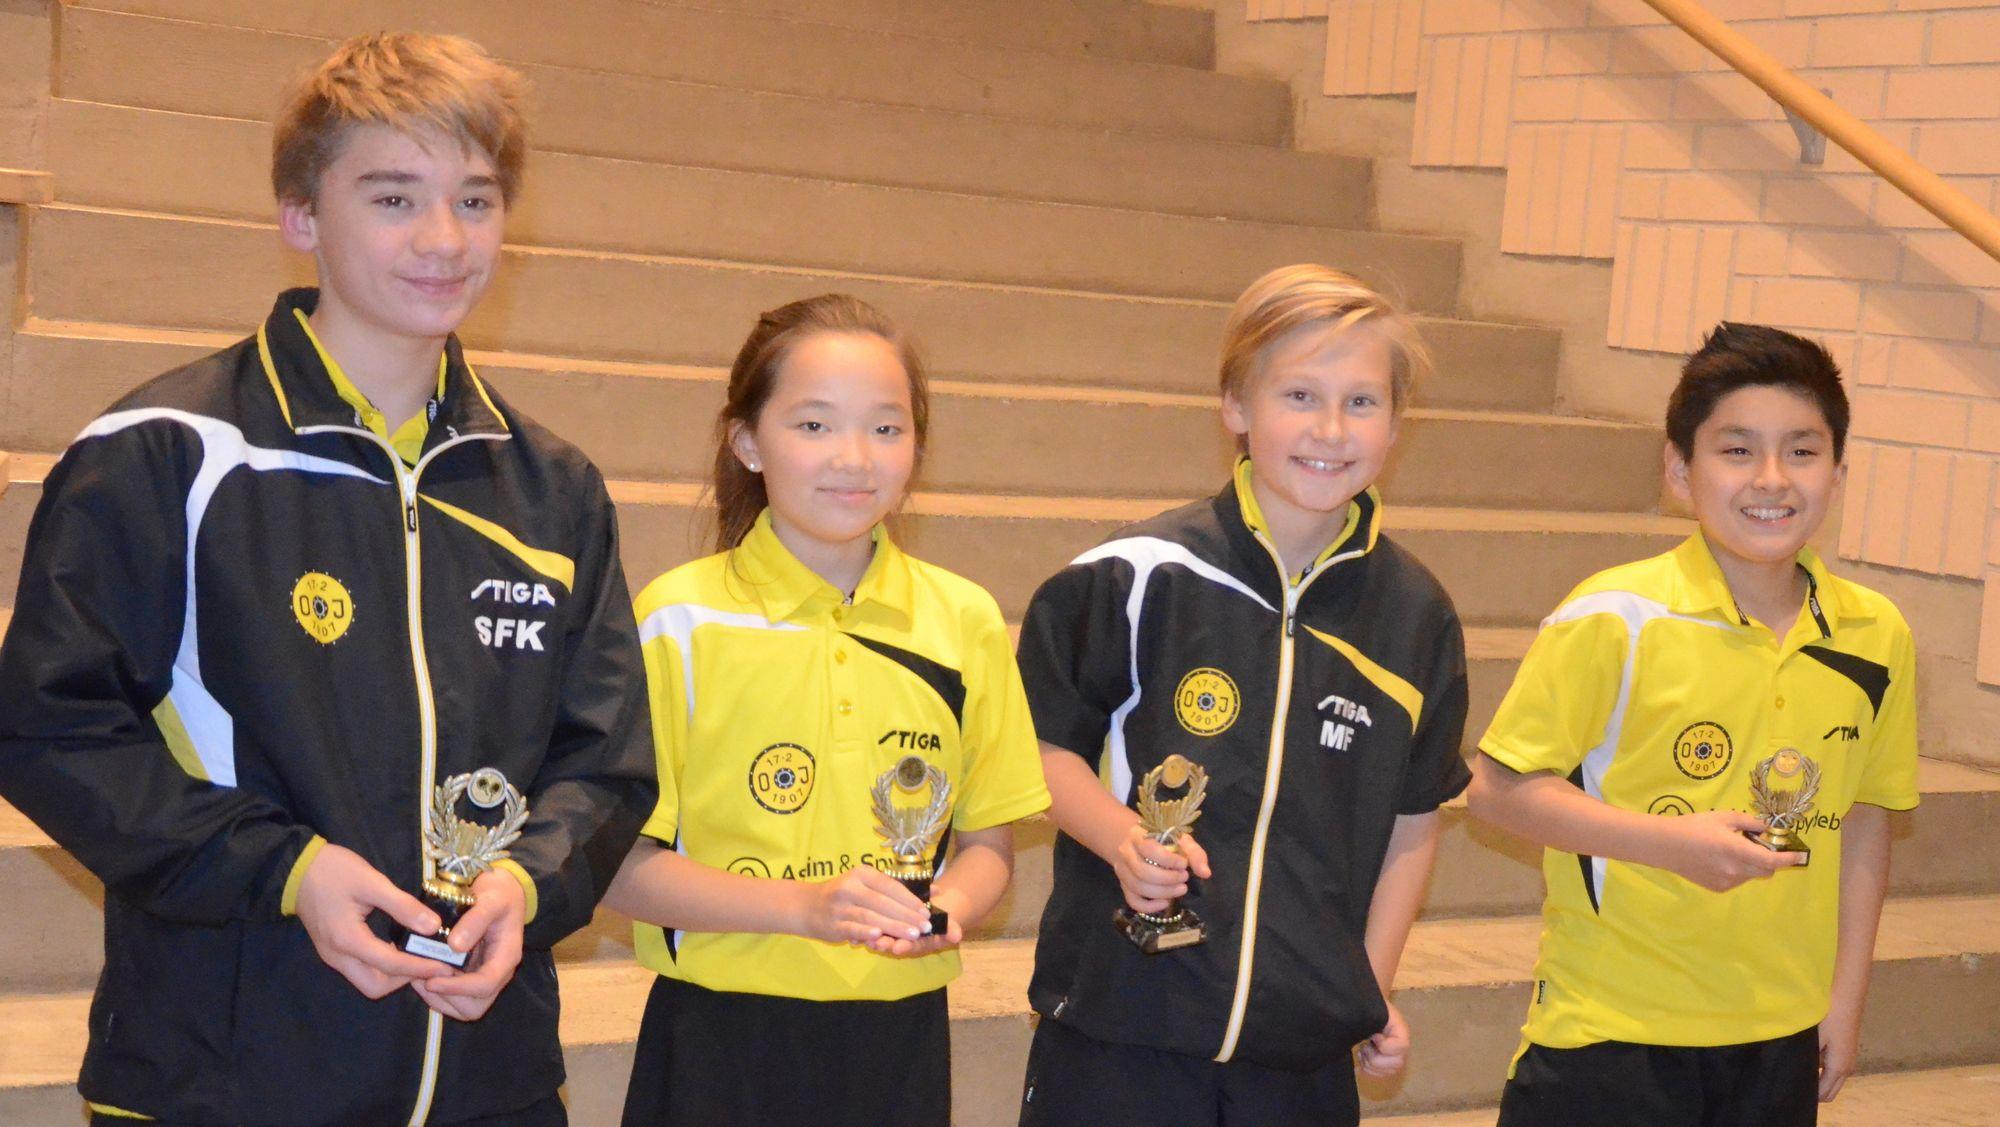 VANT SIN KLASSE: Best i Oppegård Open, og fra Oppegård IL: Sebastian Kolseth, Hanna Hovden, Markus Franck og Christoffer Wibe.